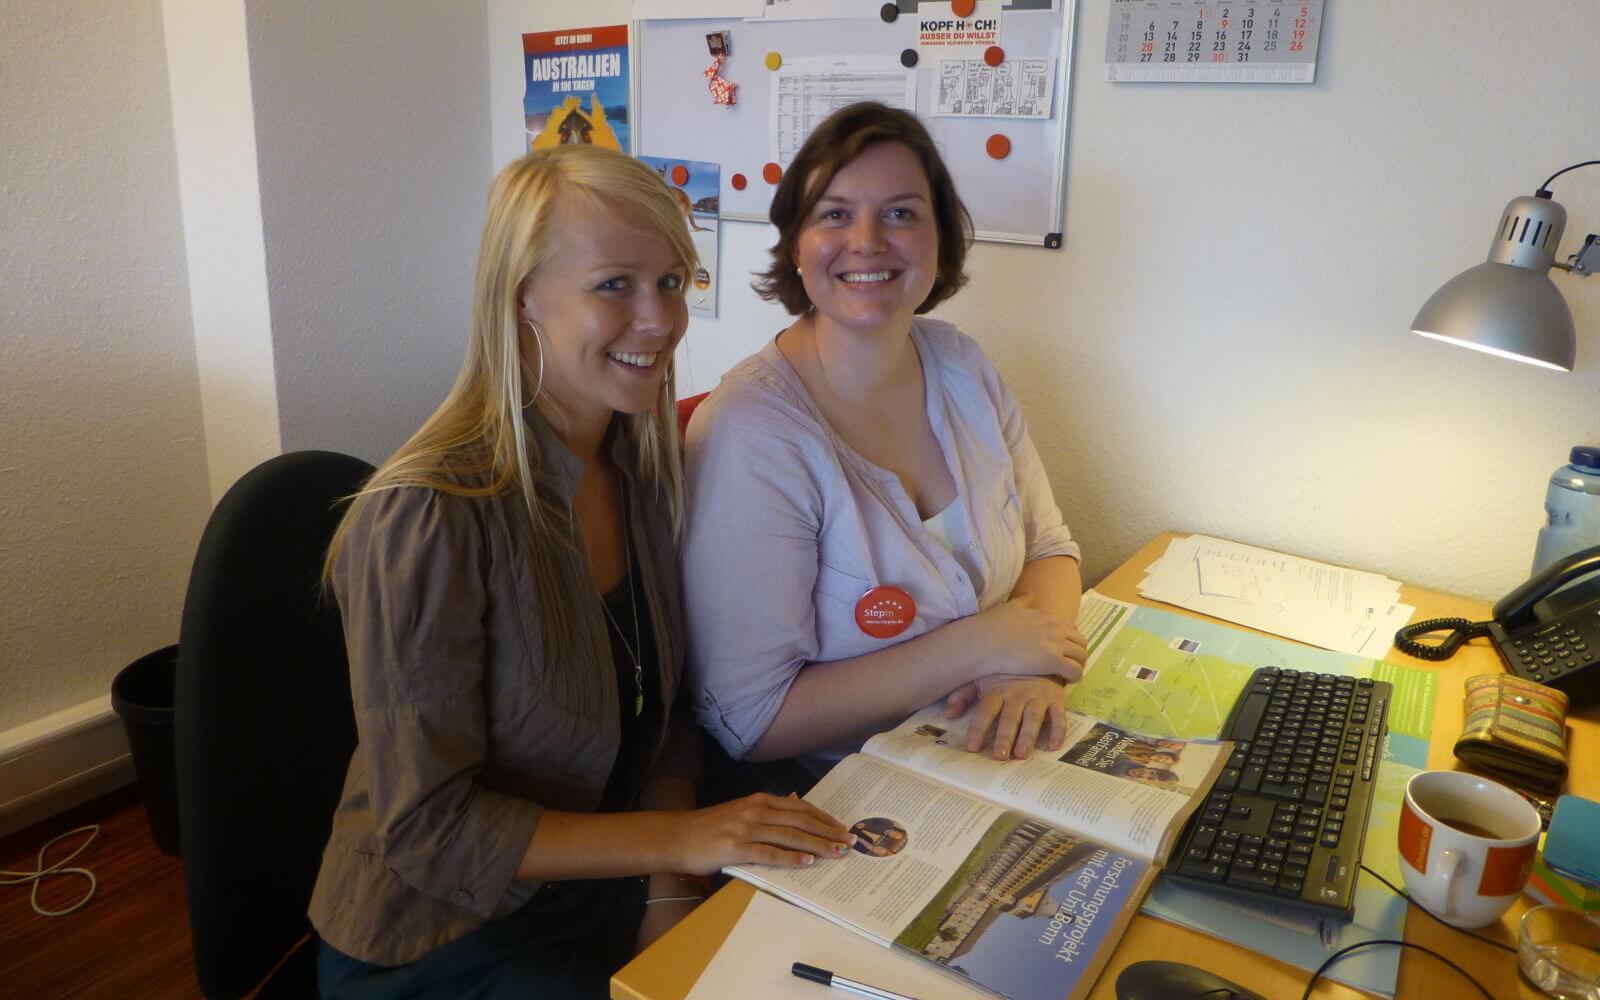 Ausbildung im Tourismus: Sophie und Svenni bei der Arbeit